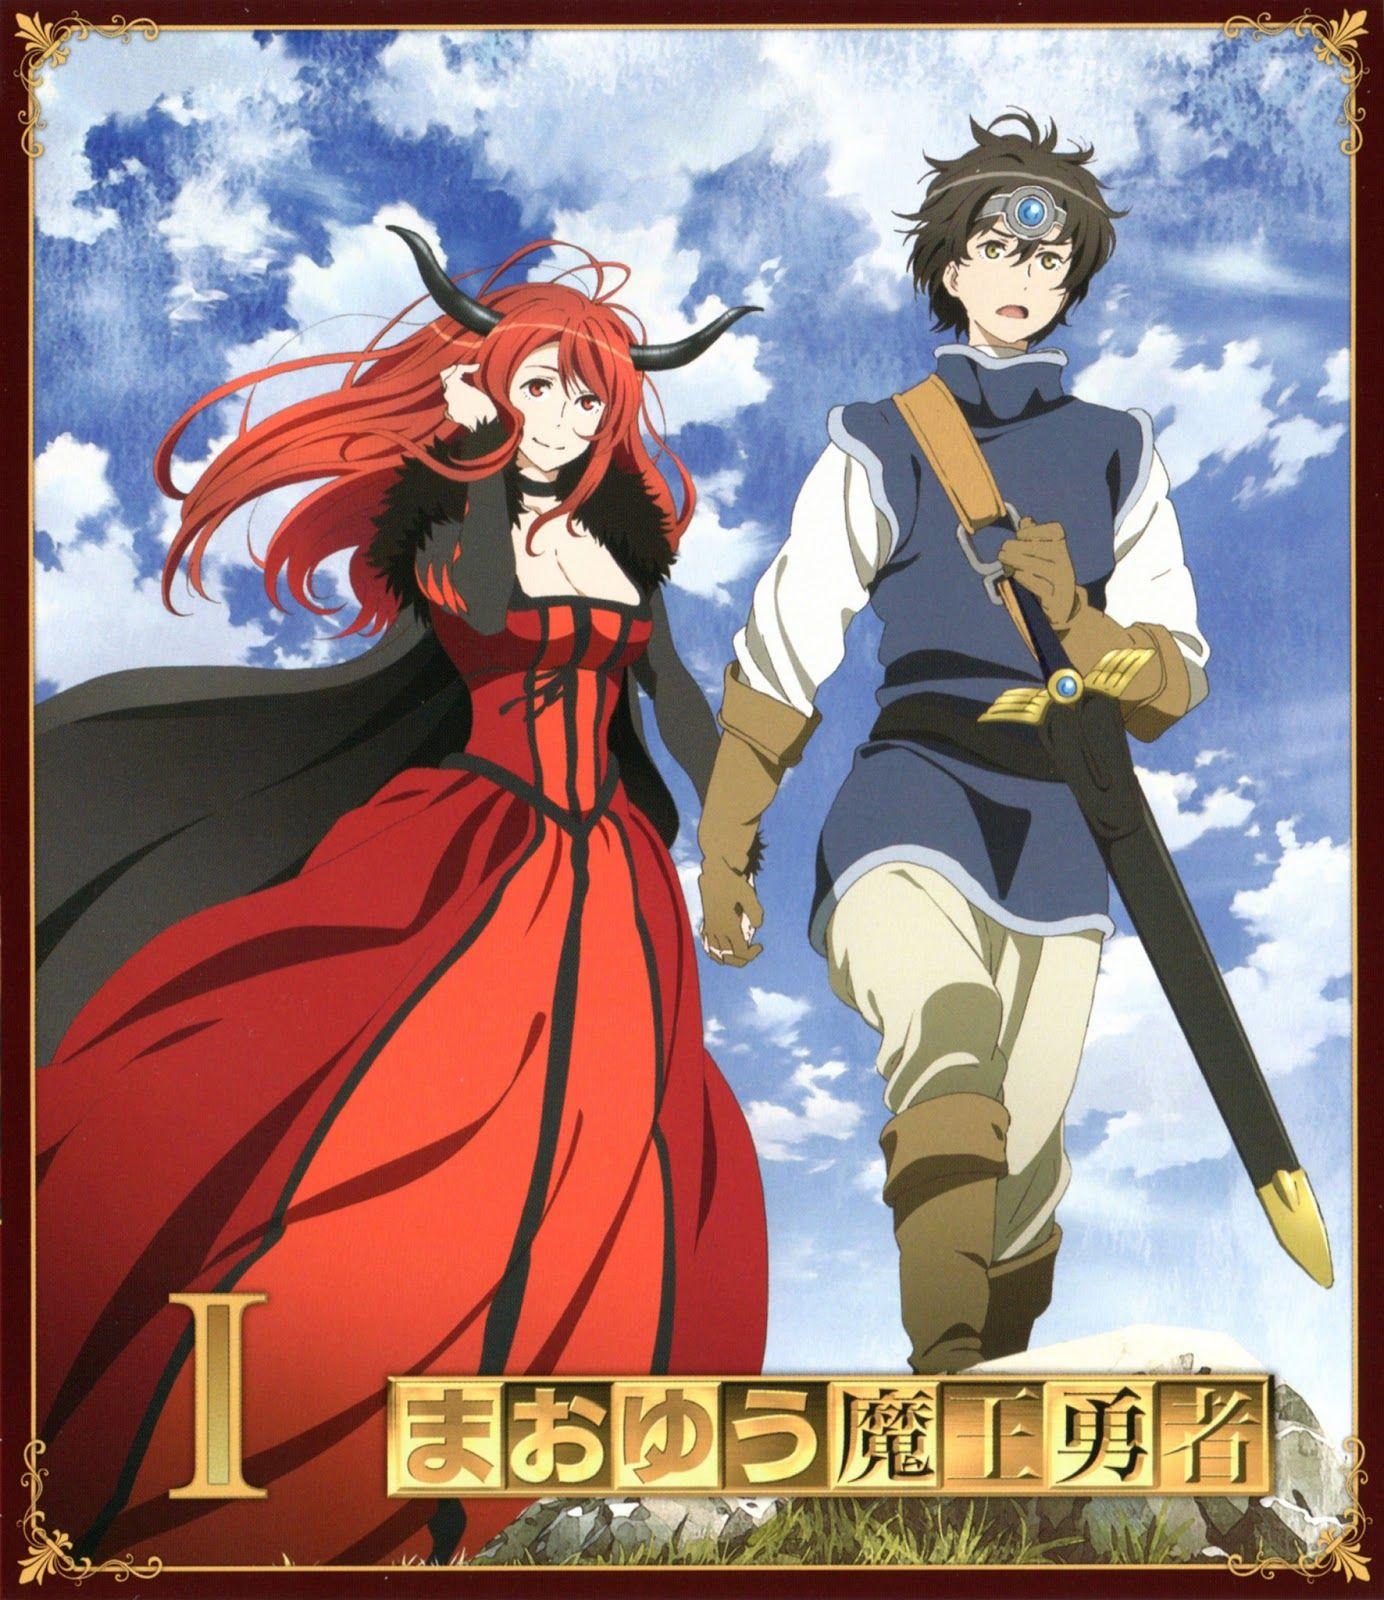 Demon King And Hero Anime Manga Cute Anime Movies